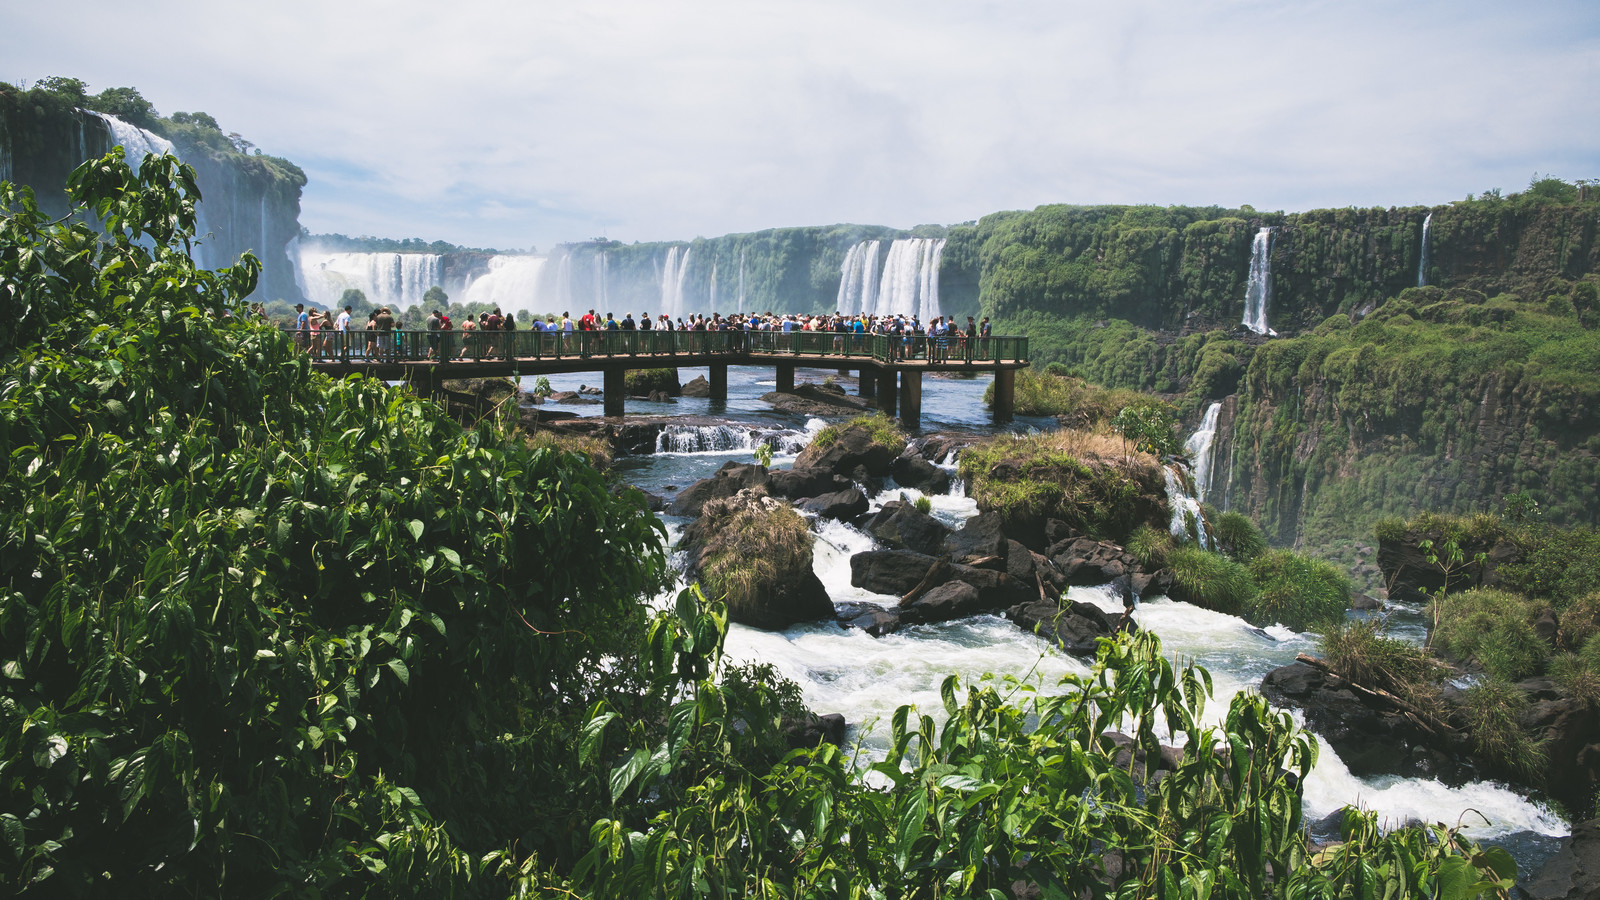 滝の上に設置された遊歩道(イグアスの滝)のフリー素材